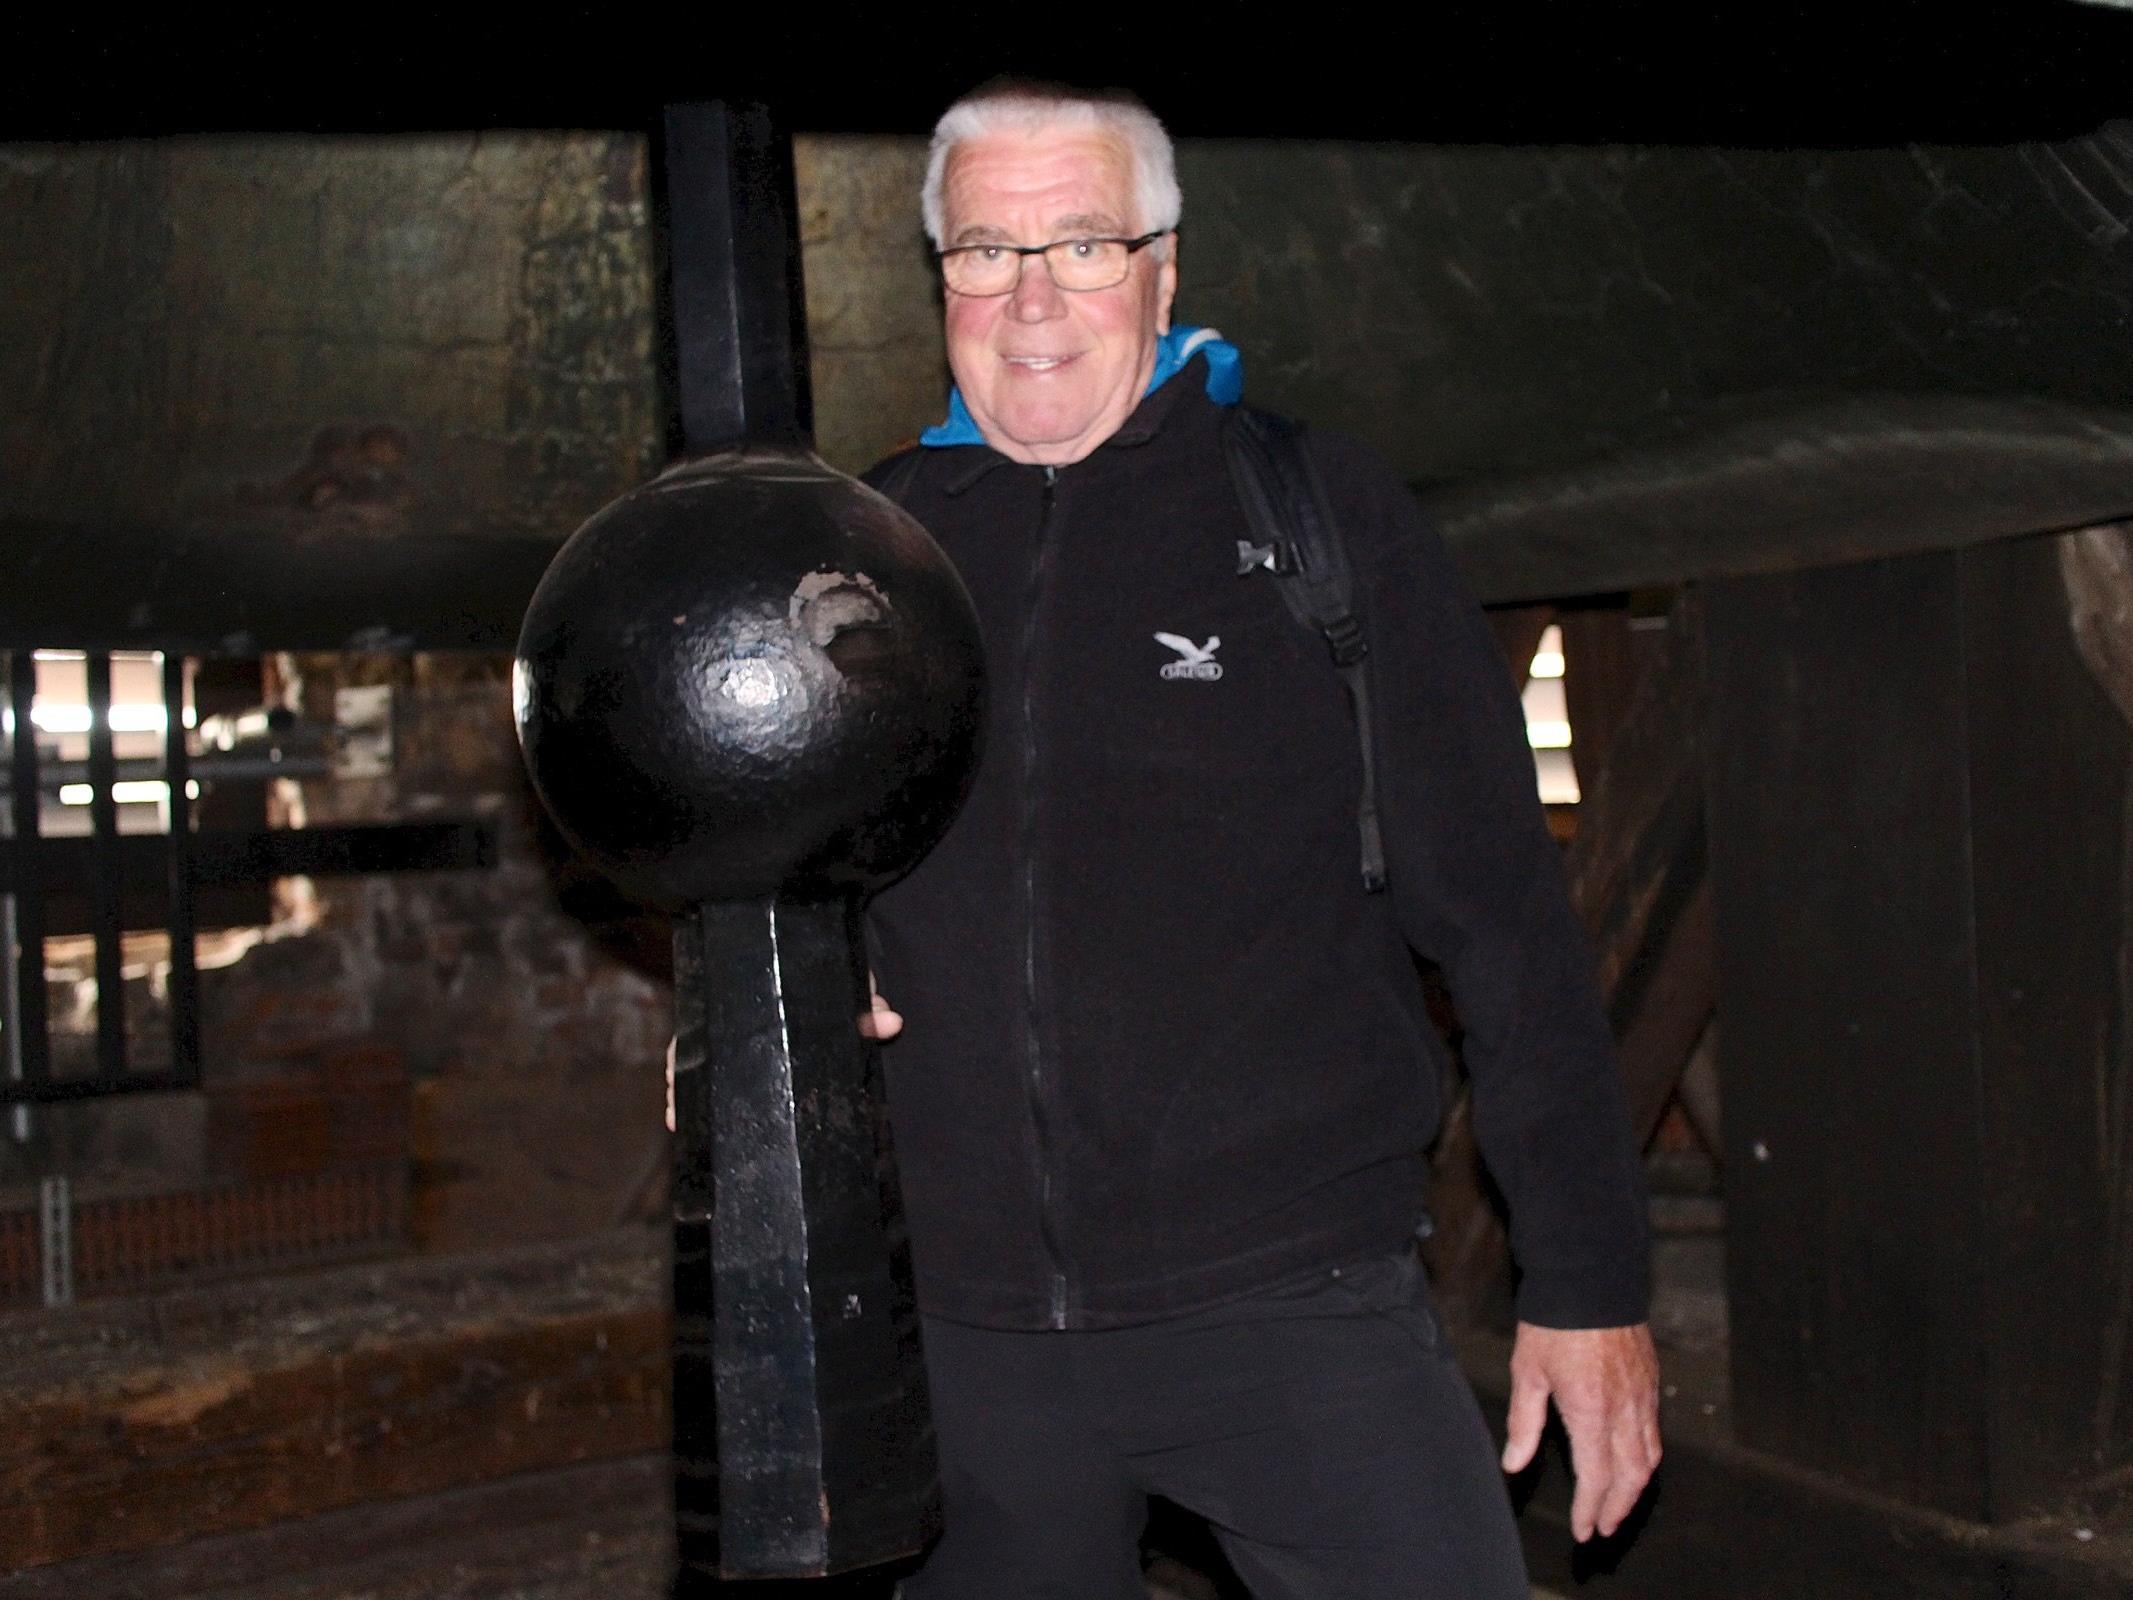 Den heutigen Glöckner Fritz Koroschitz faszinierte schon als Bub das Schwingen des Klöppels im Katzenturm.